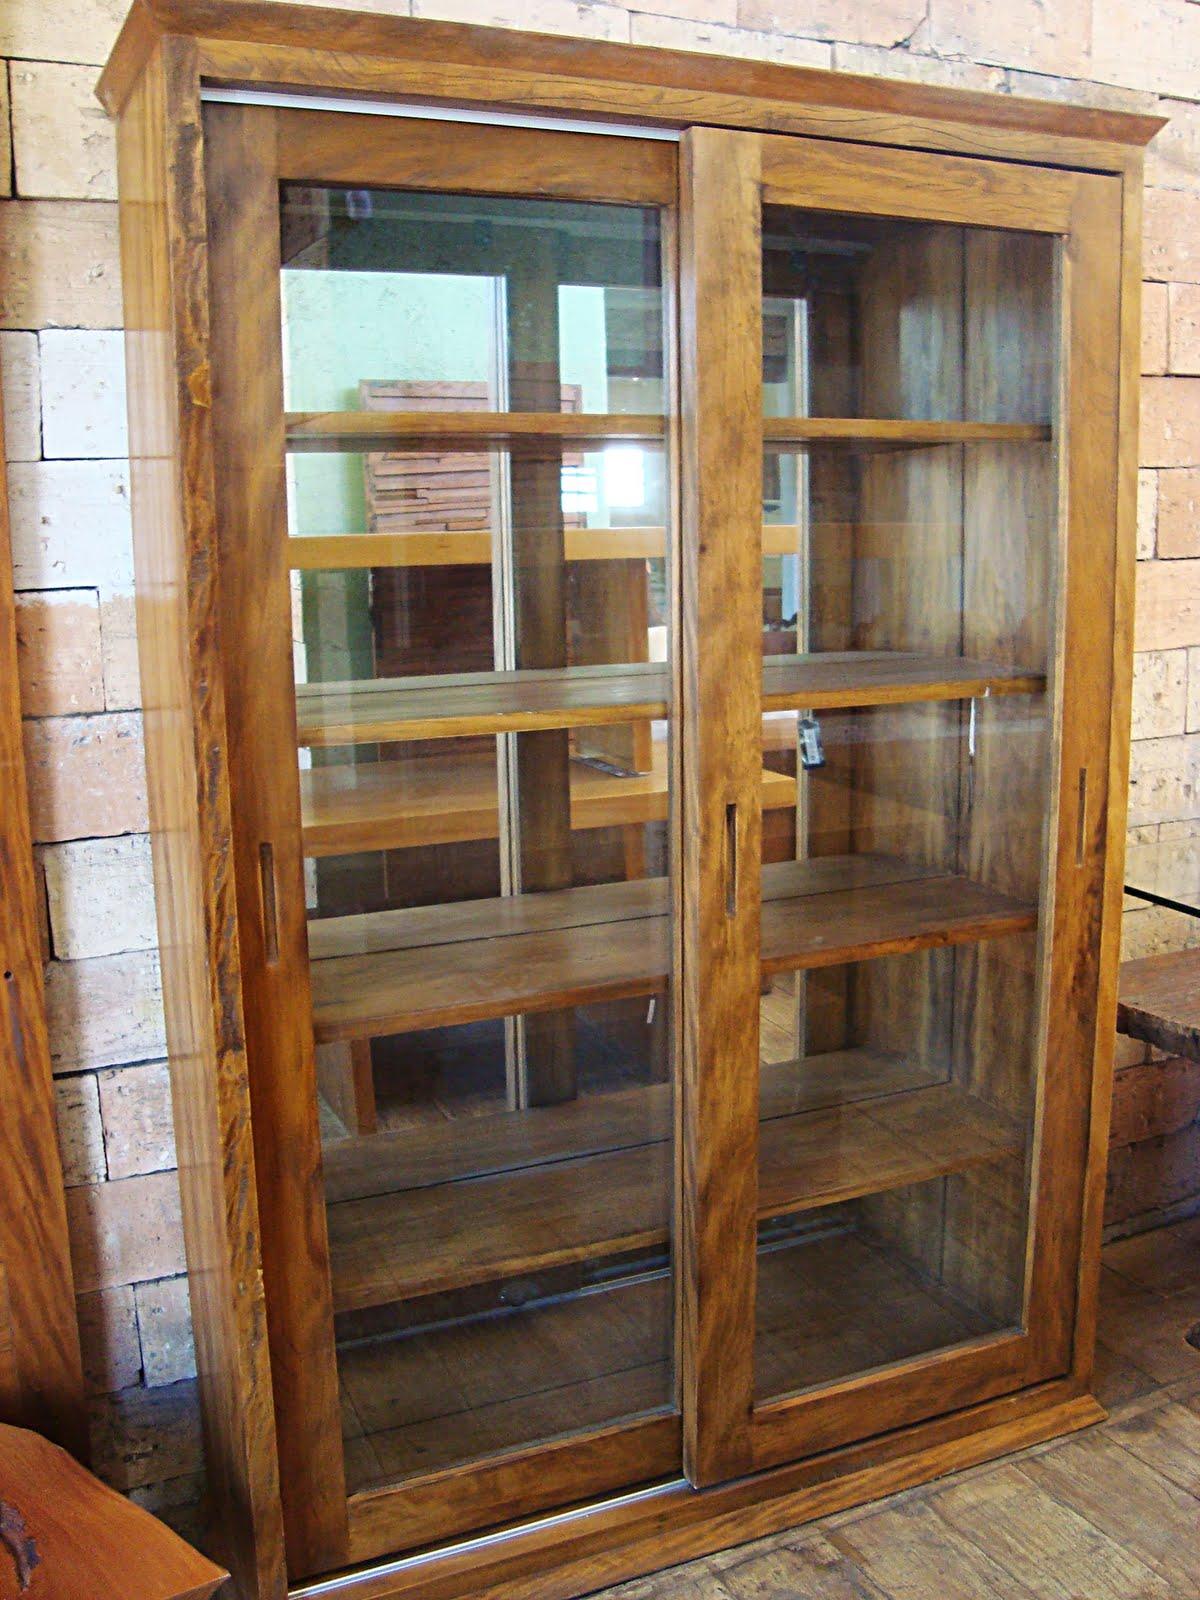 #976C34 Locação de móveis/EMPÓRIO BRASIL  aluguel mesas madeira/madeira de  1200x1600 px armarios e estantes de madeira @ bernauer.info Móveis Antigos Novos E Usados Online